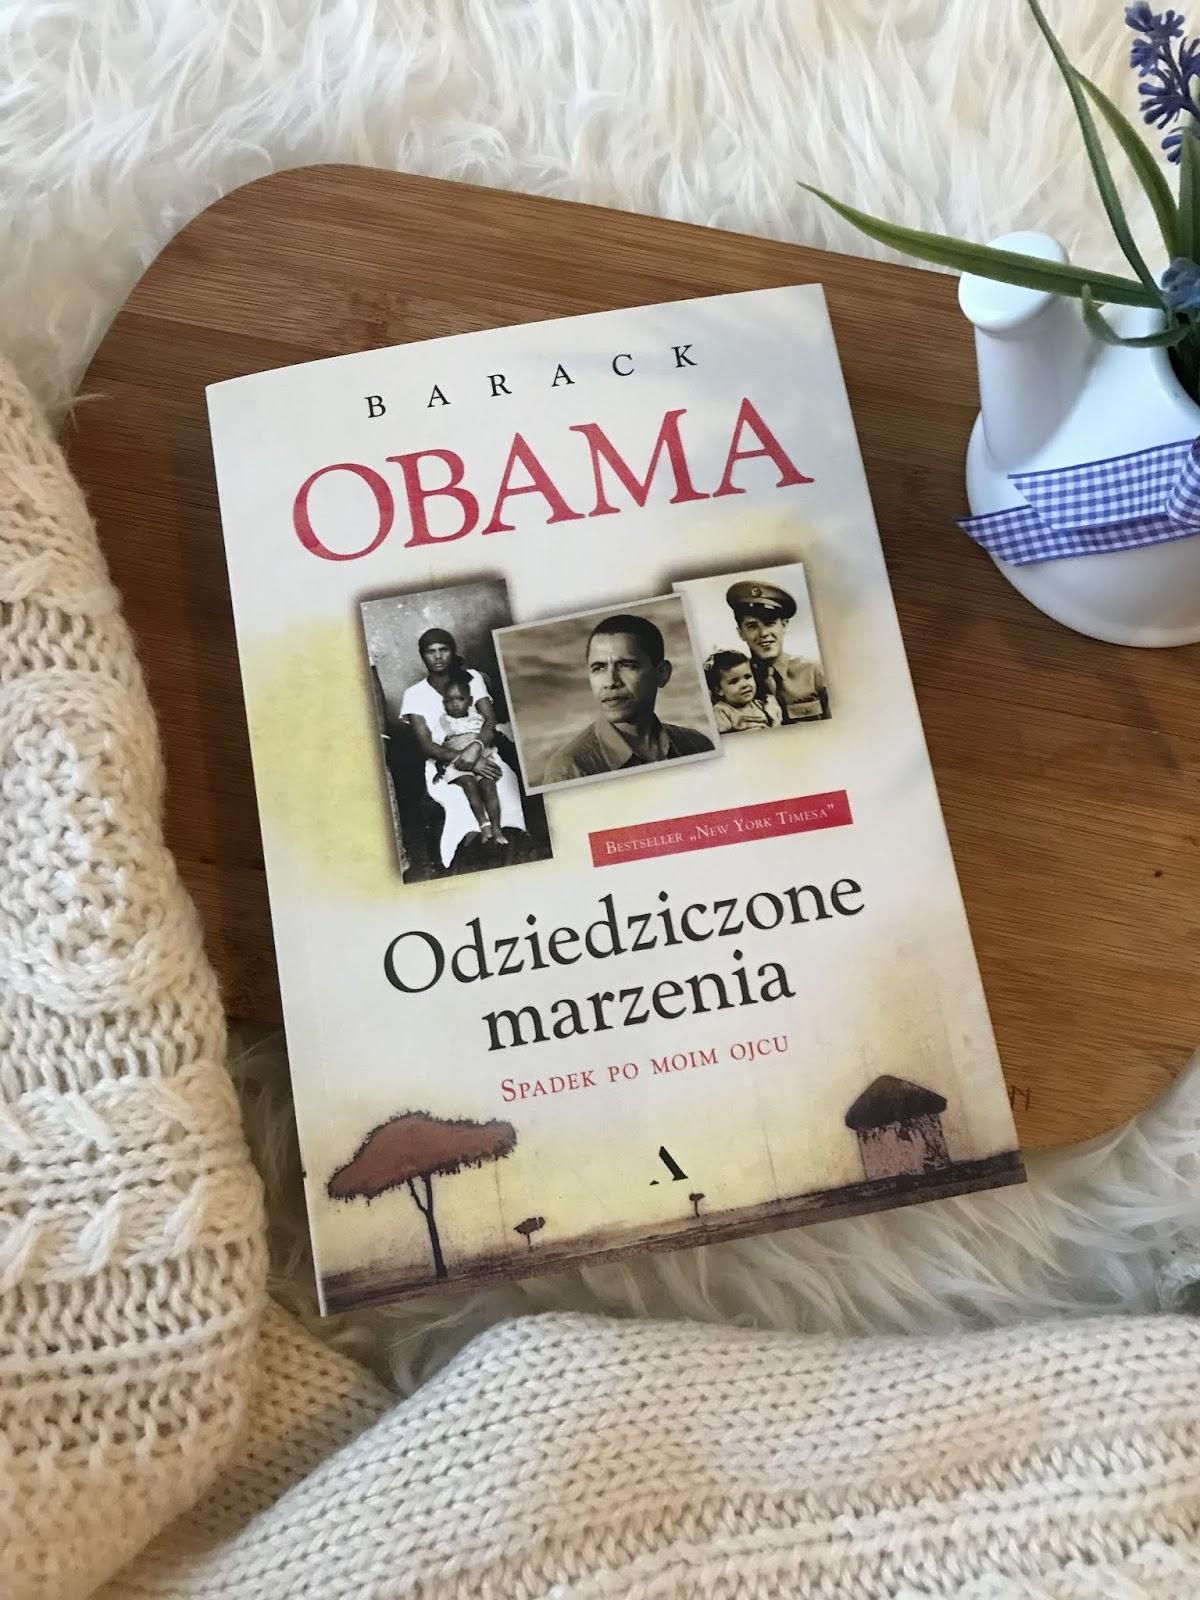 Barack Obama, Odziedziczone marzenia. Spadek po moim ojcu